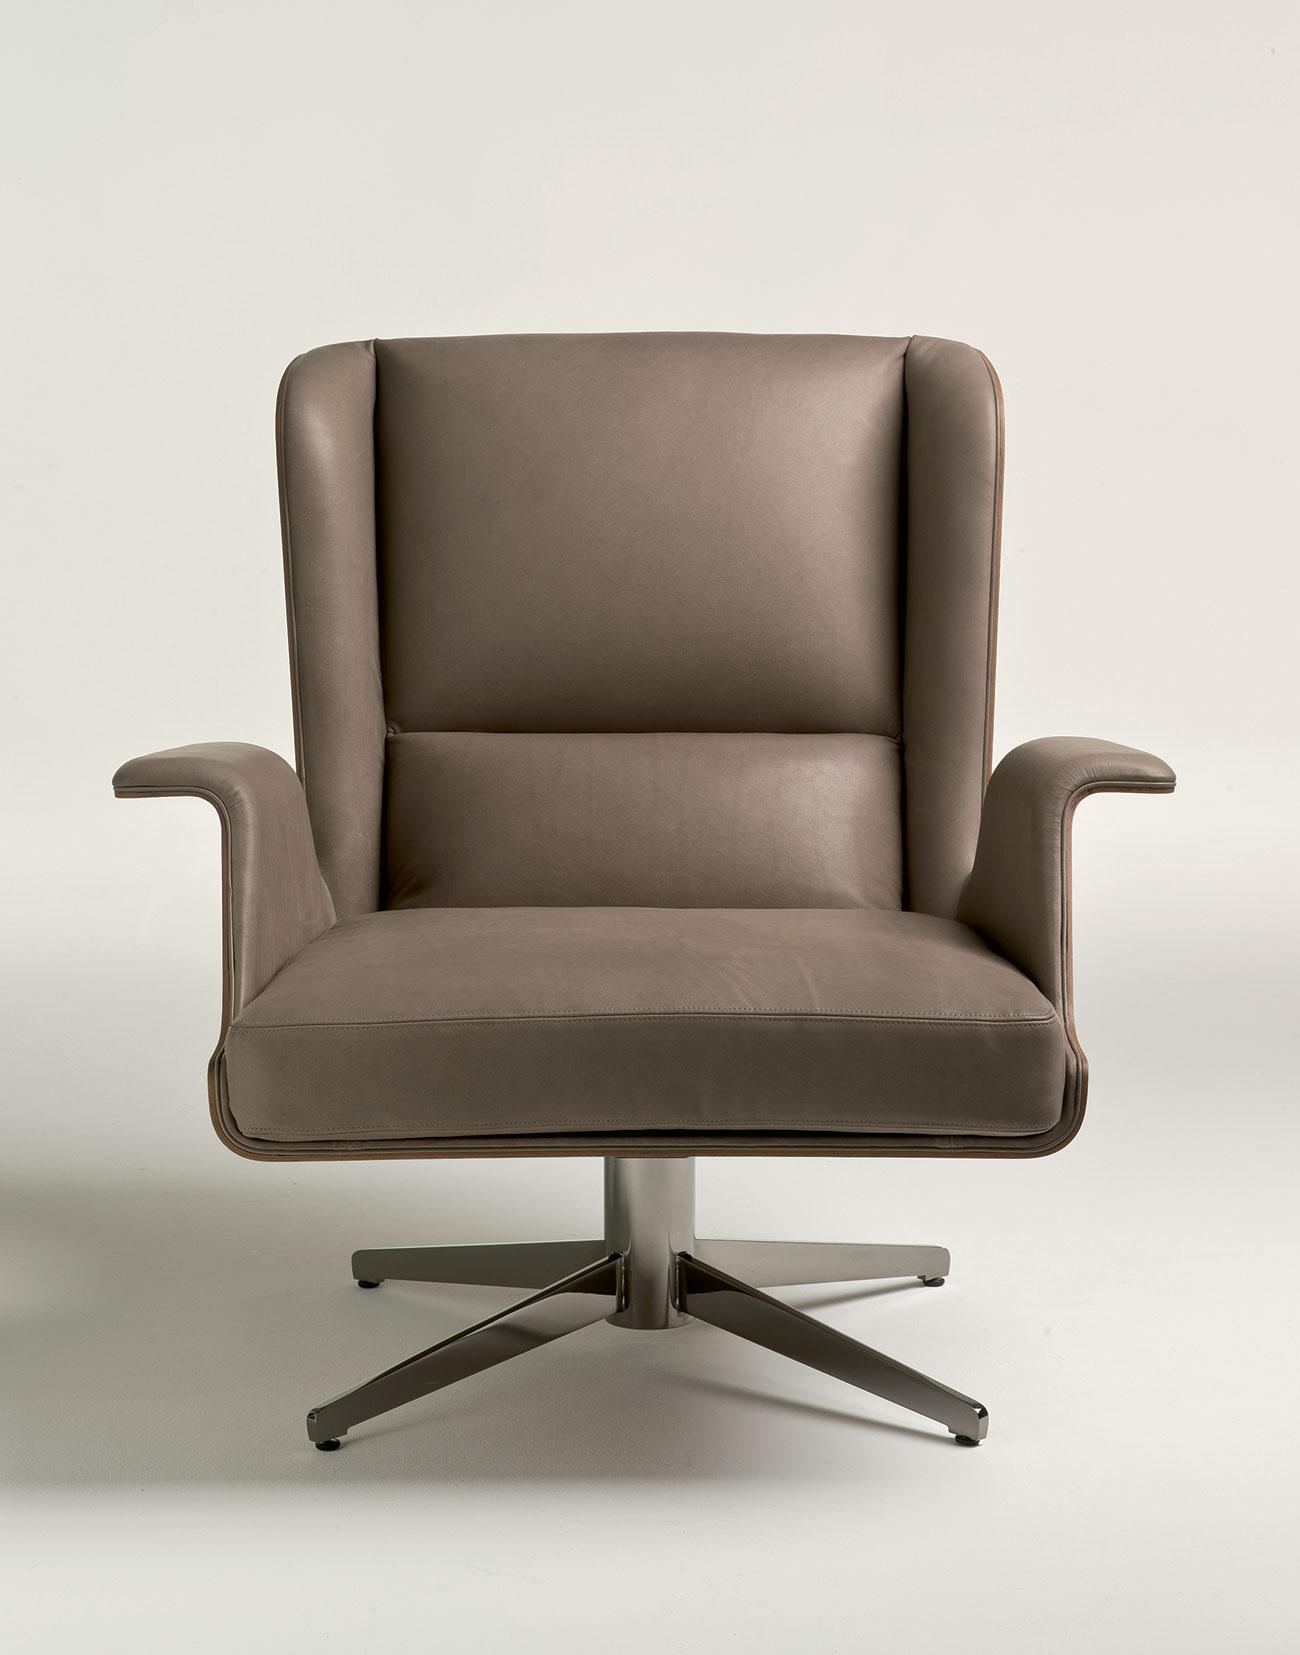 Poltrone design prezzi divani letto poltrone e sofa for Smart relax divano letto prezzo